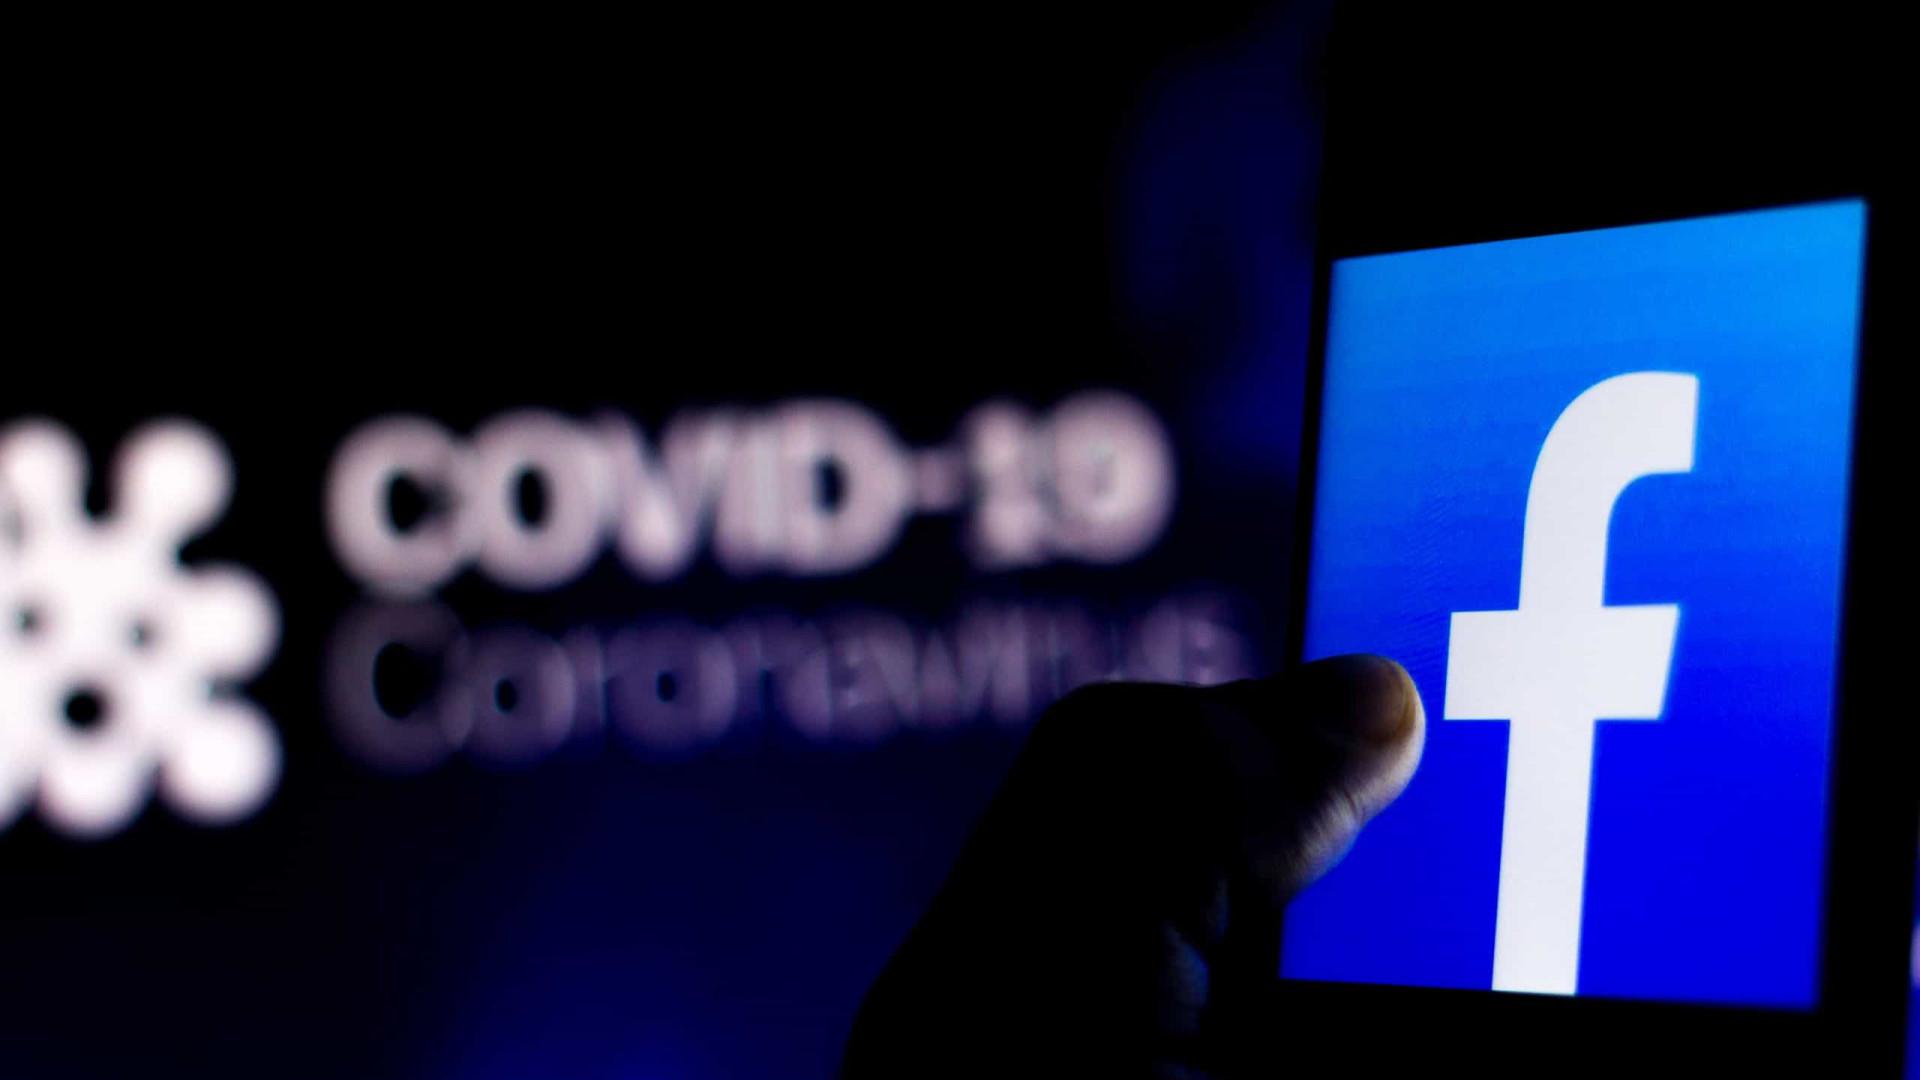 Facebook criou lista secreta de celebridades que não seguem regras de conduta na rede